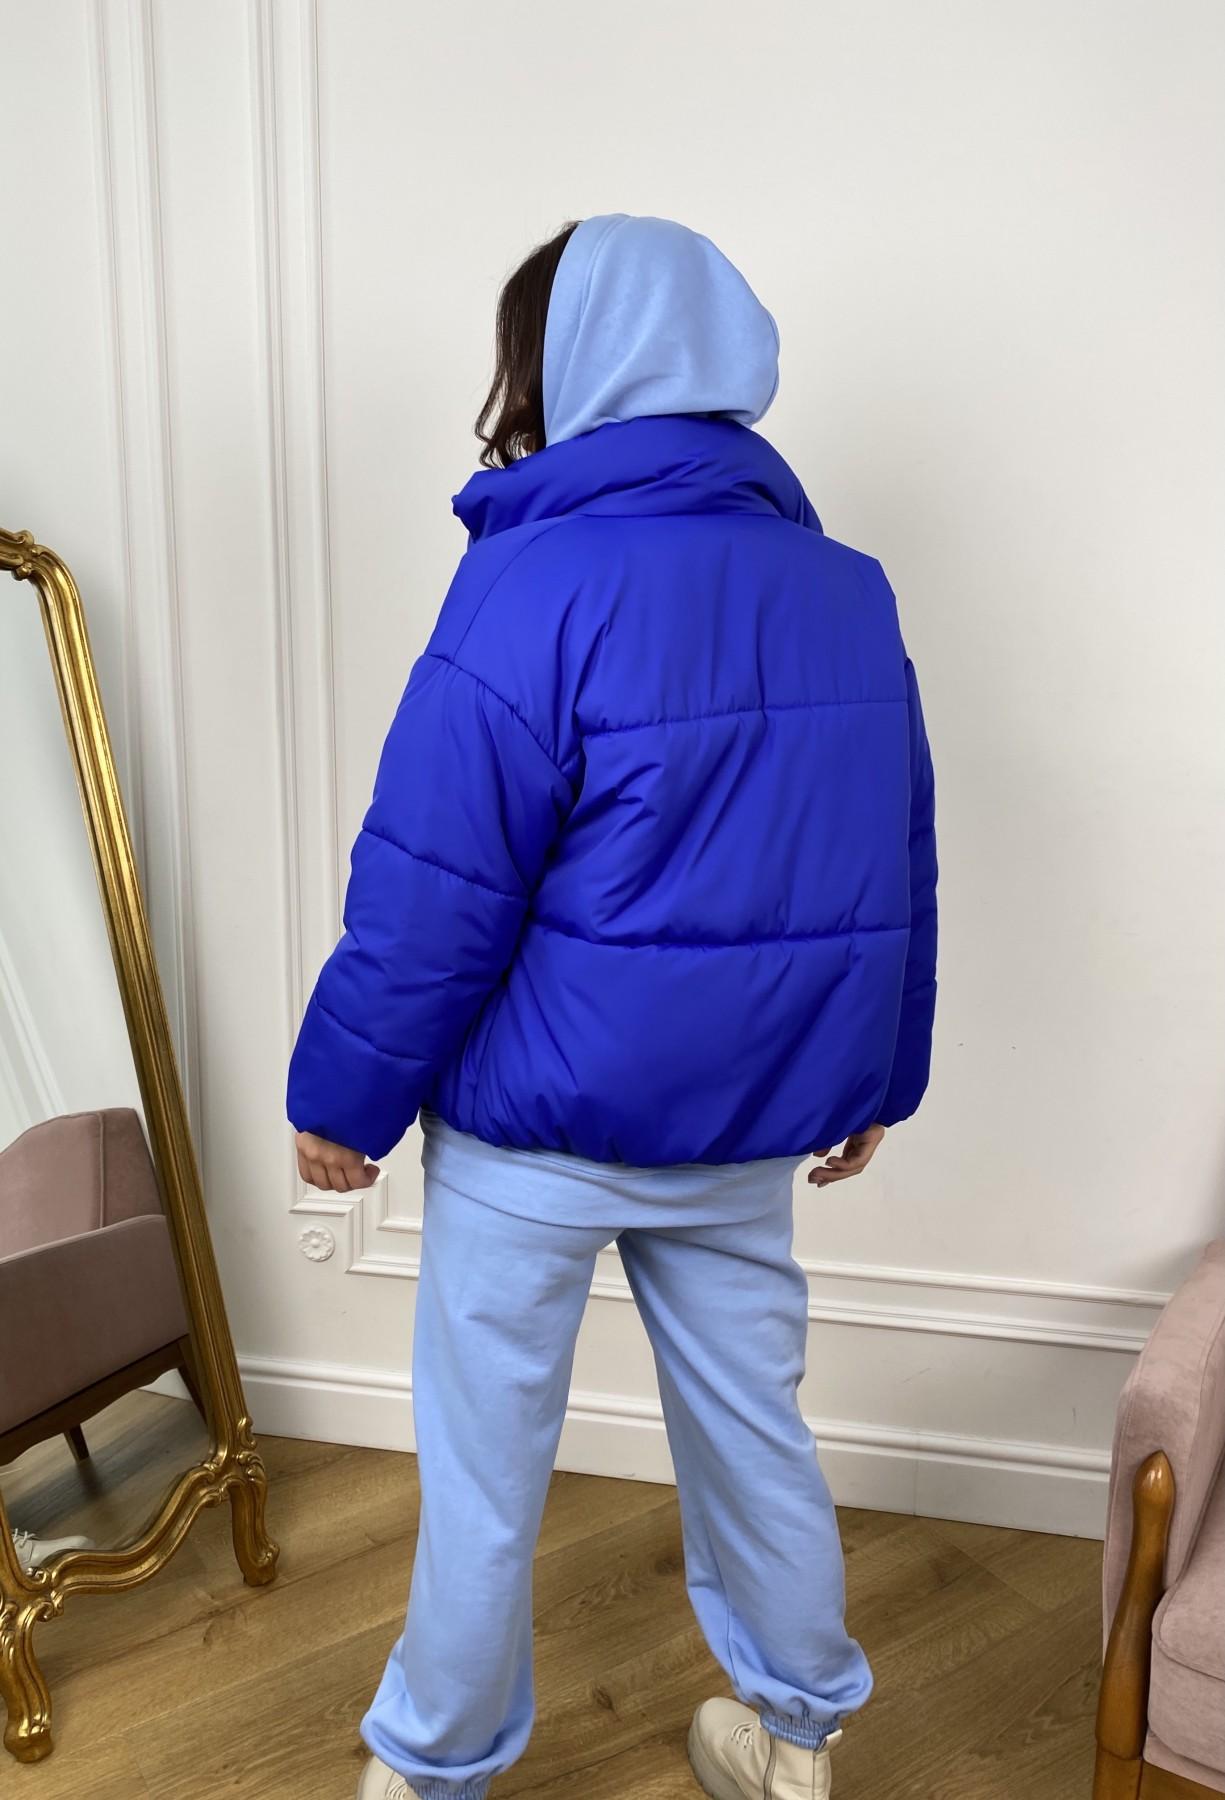 Нокс куртка из плащевой ткани 10535 АРТ. 46881 Цвет: Электрик 1052 - фото 5, интернет магазин tm-modus.ru